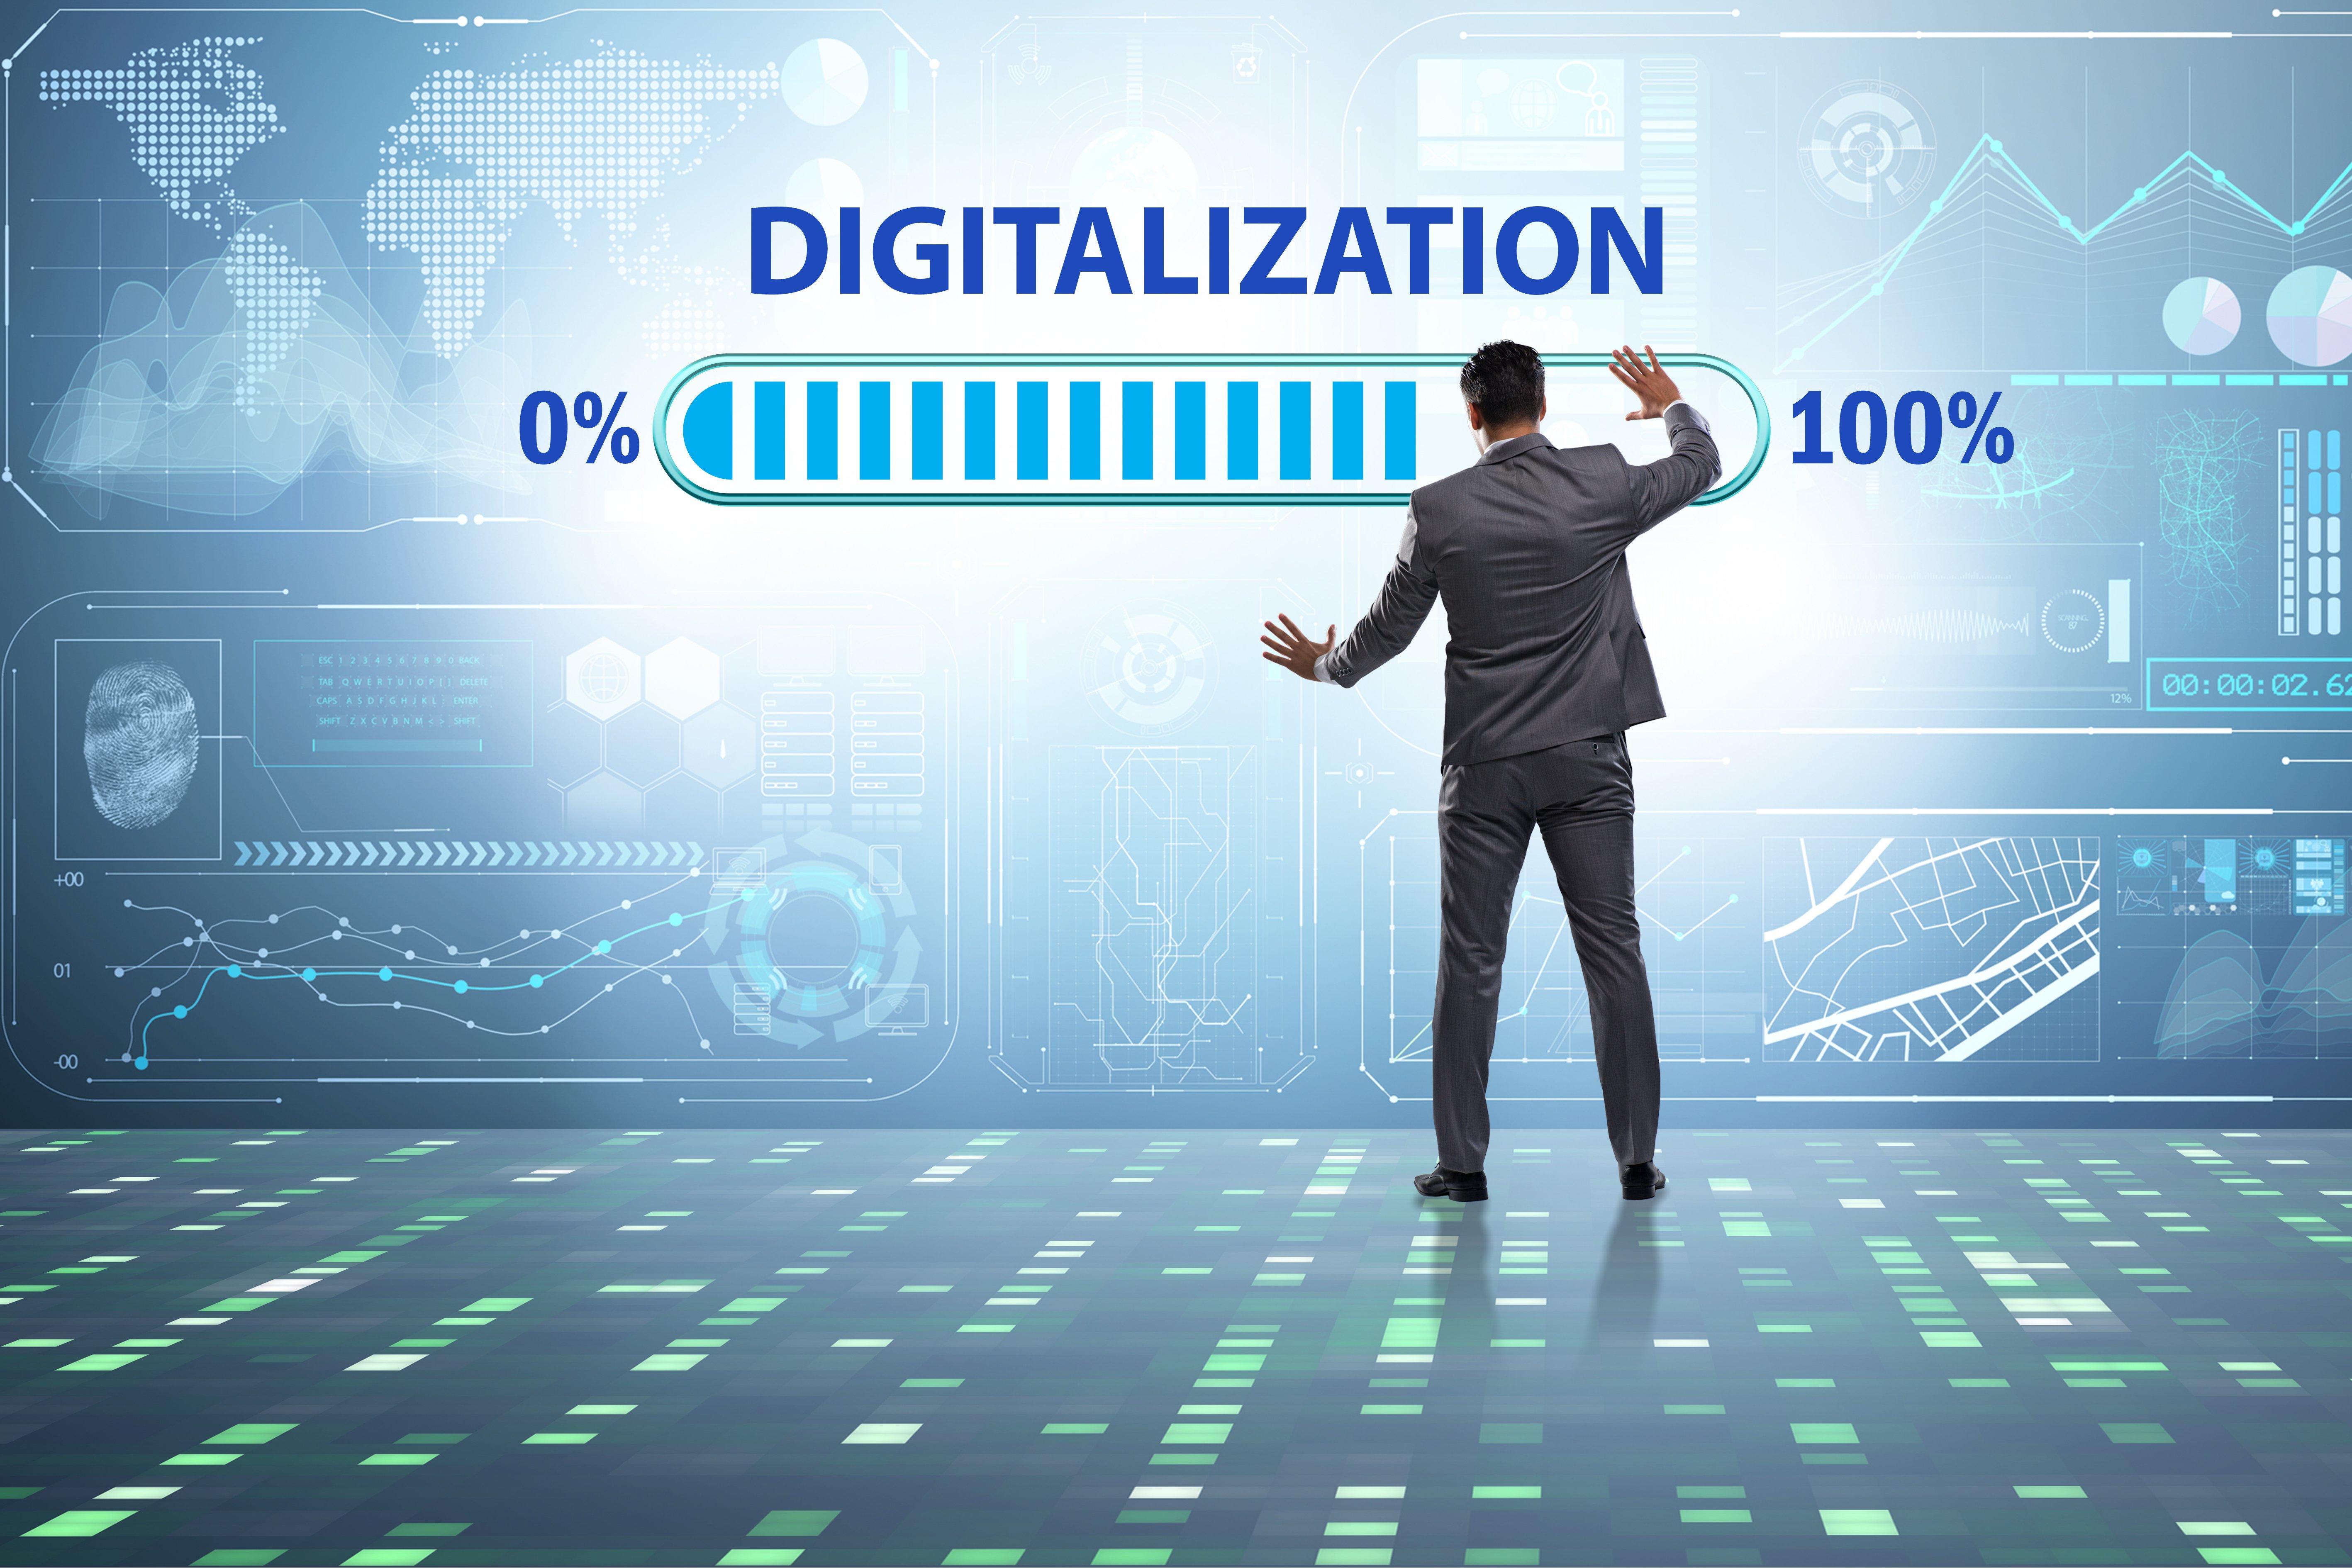 Image for digital blog 3